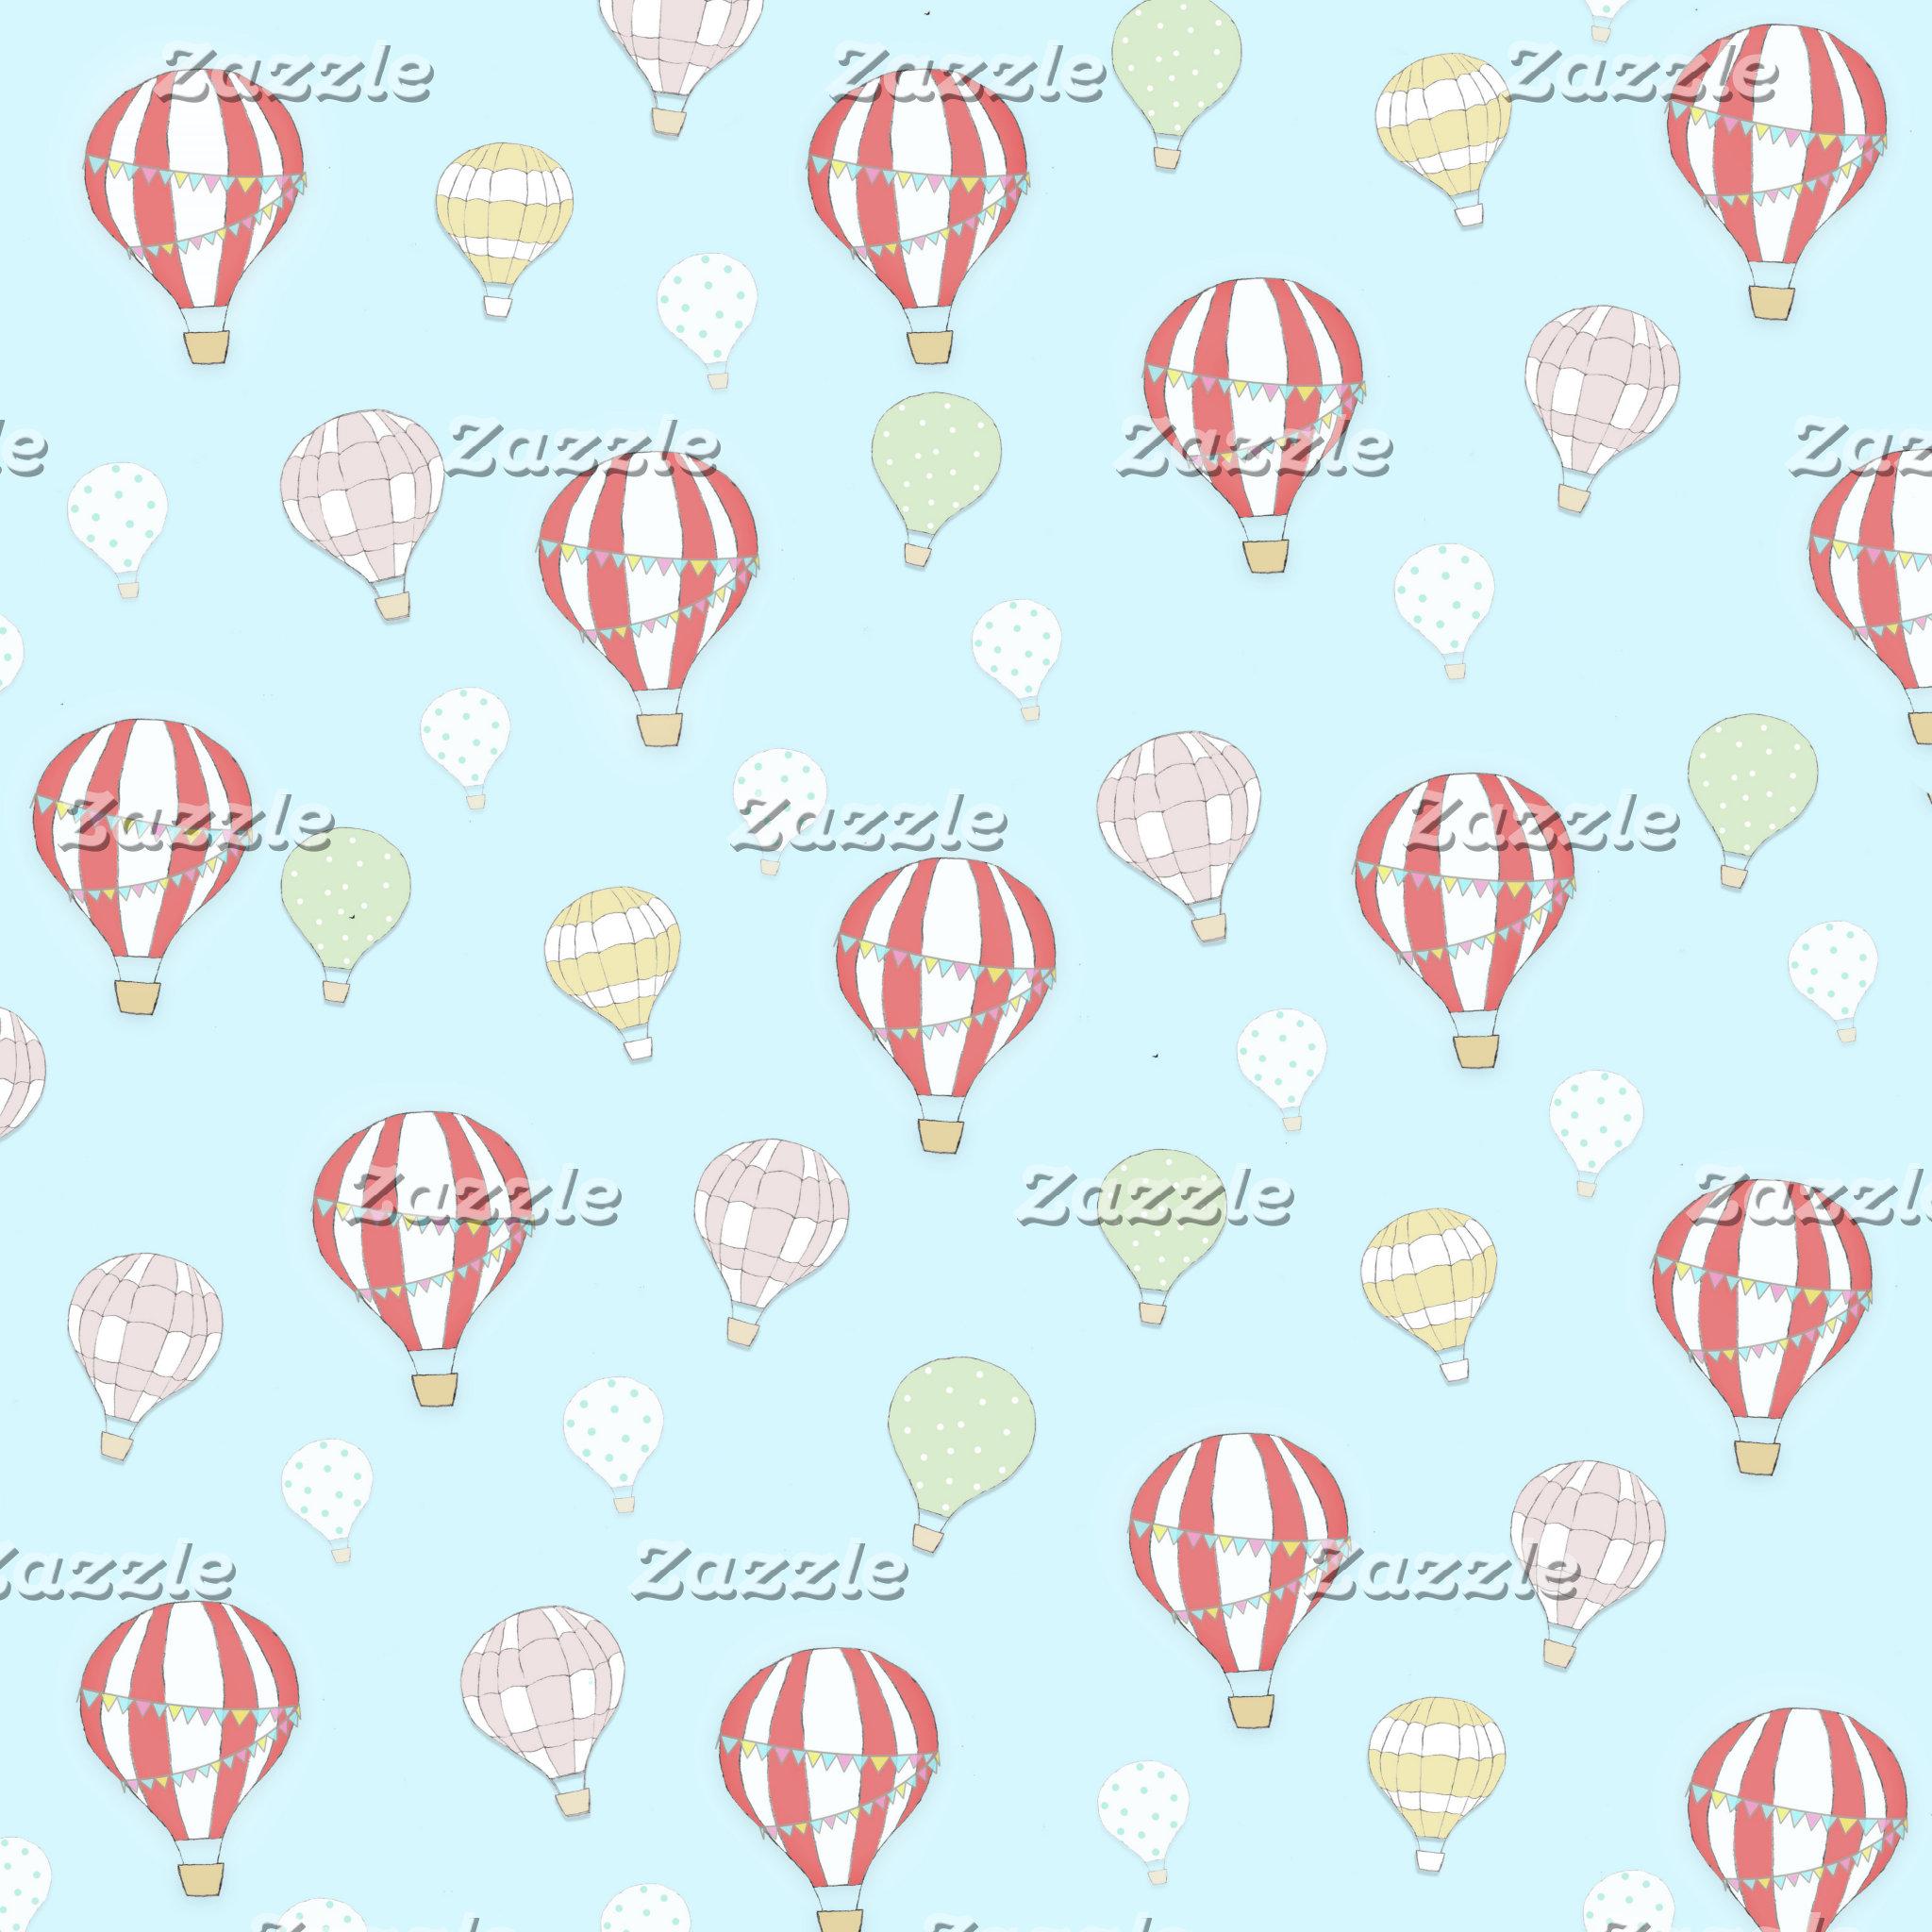 Hot Air Balloon Parade